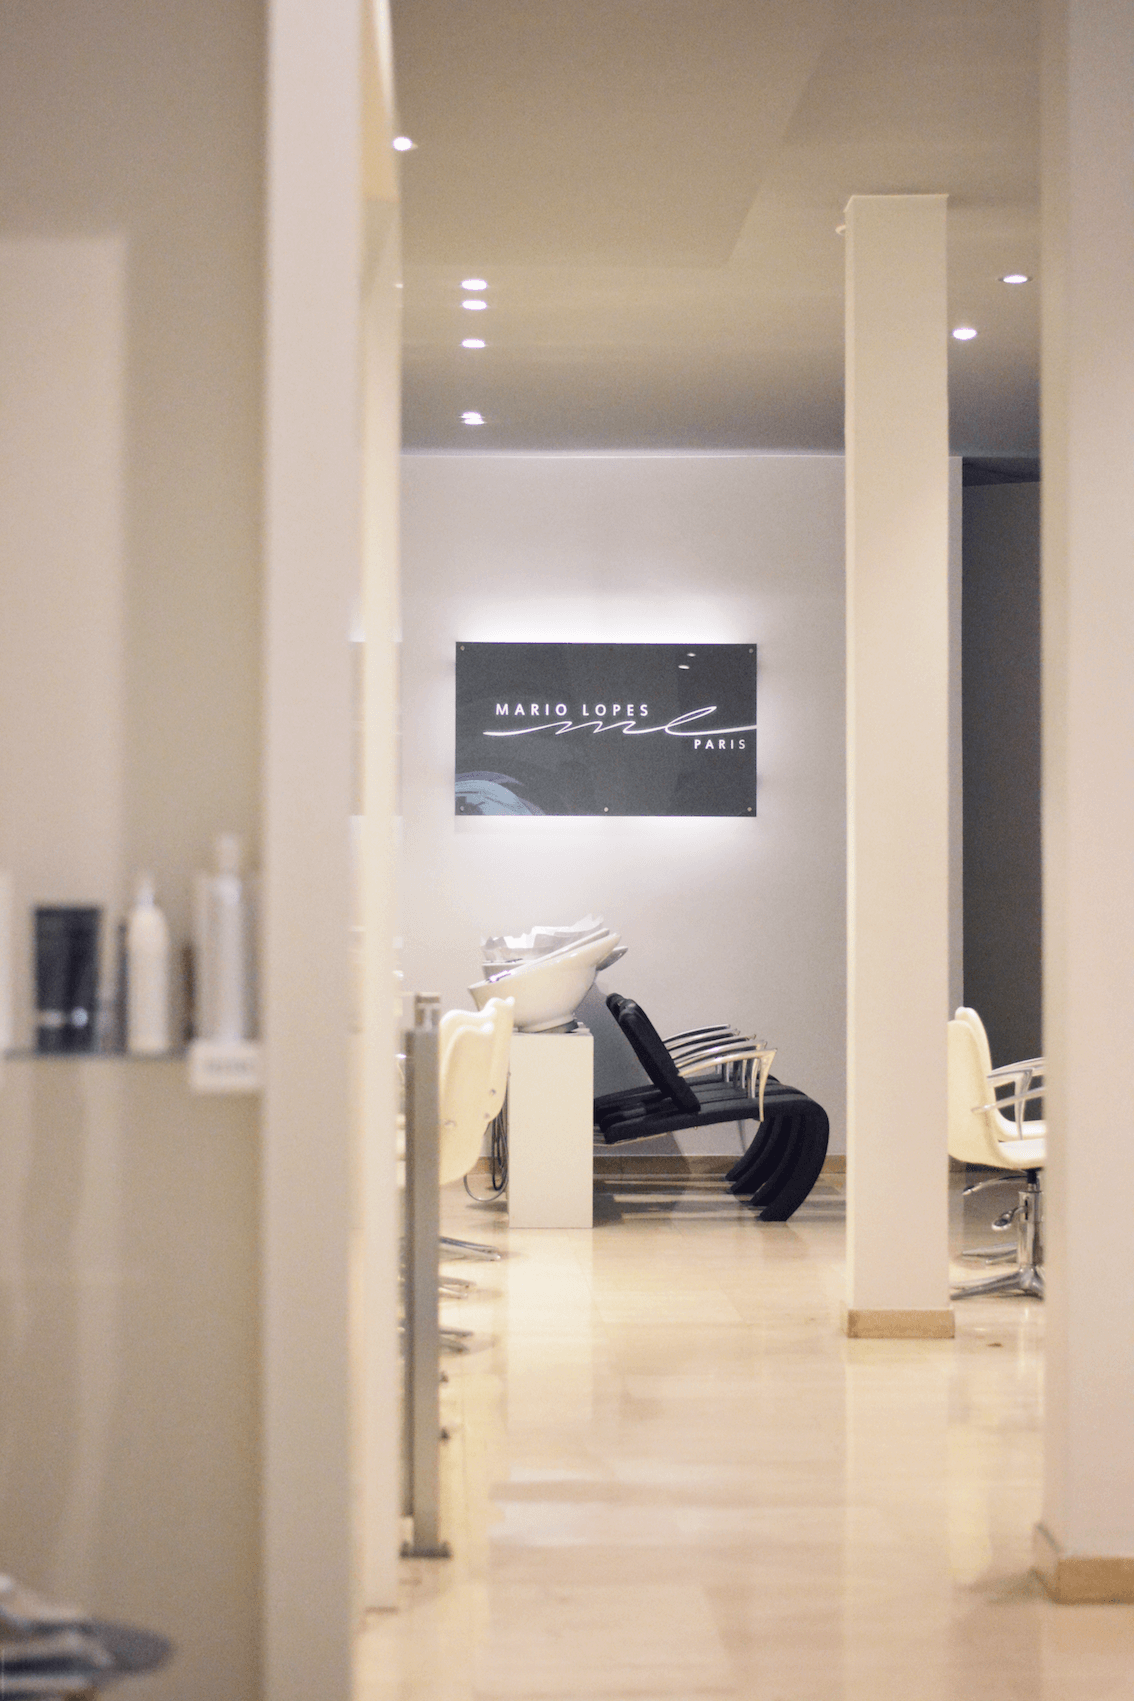 j 39 ai test le salon mario lopes paris 16 les caprices d 39 iris blog mode beaut lifestyle. Black Bedroom Furniture Sets. Home Design Ideas